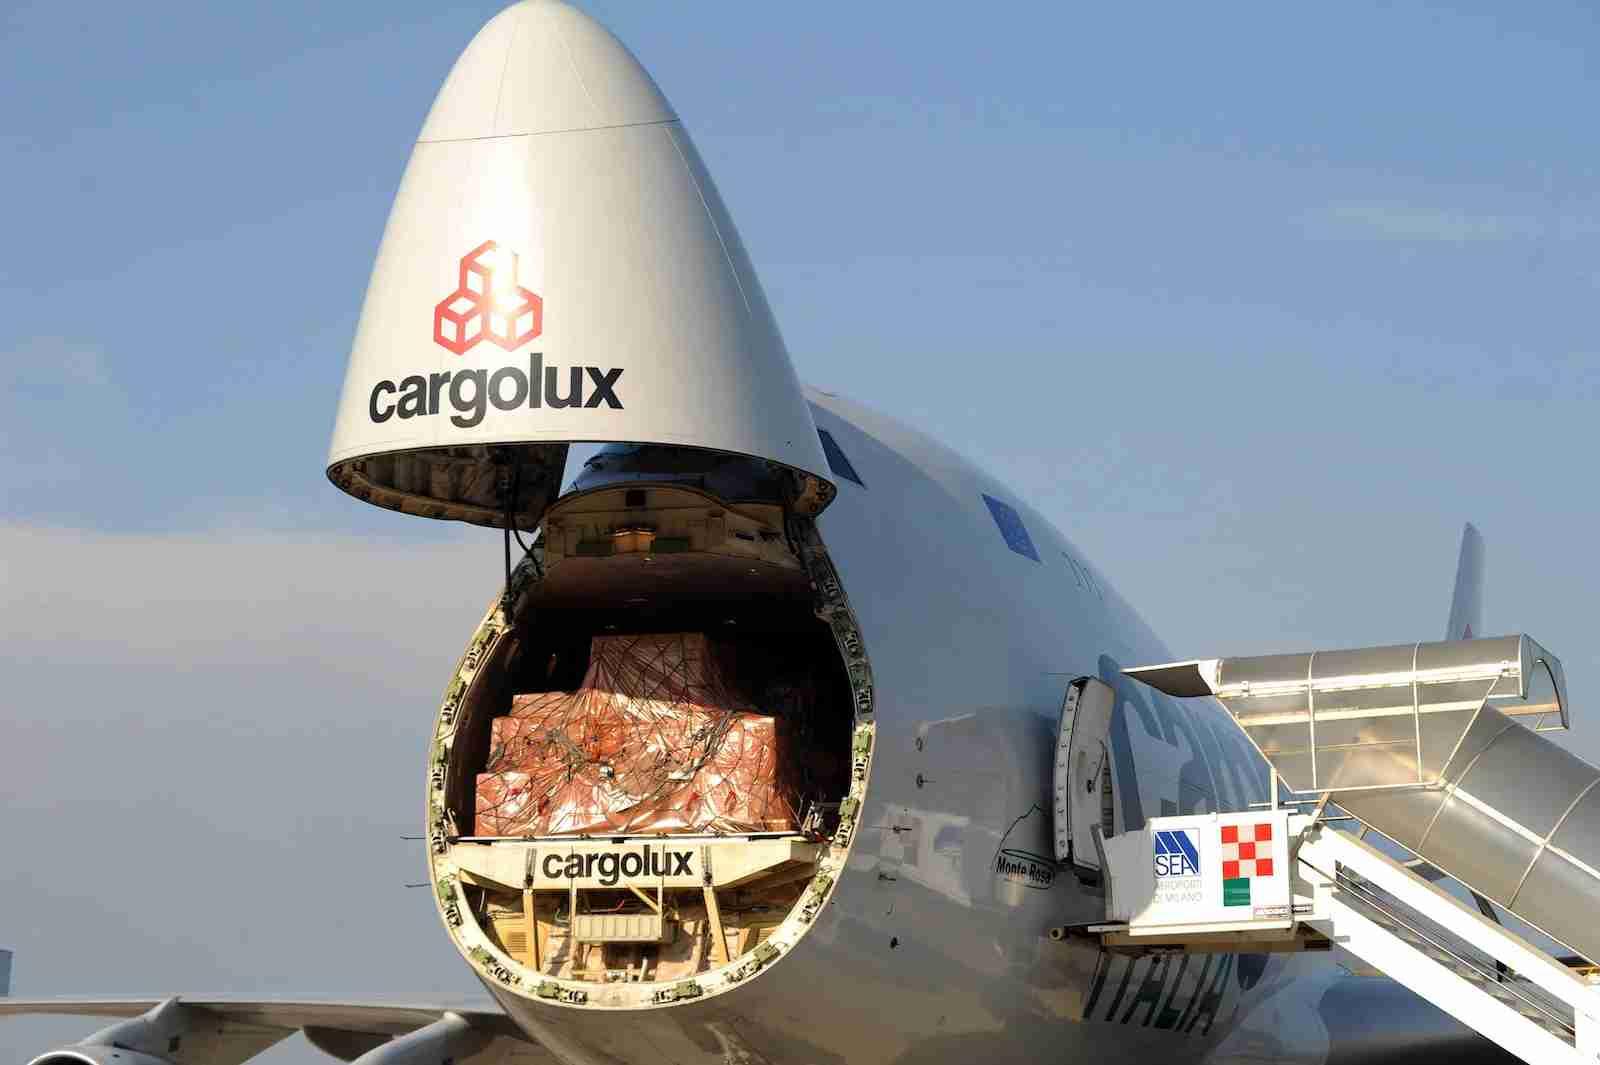 Cargolux Italia Boeing 747-400F Nose Opening